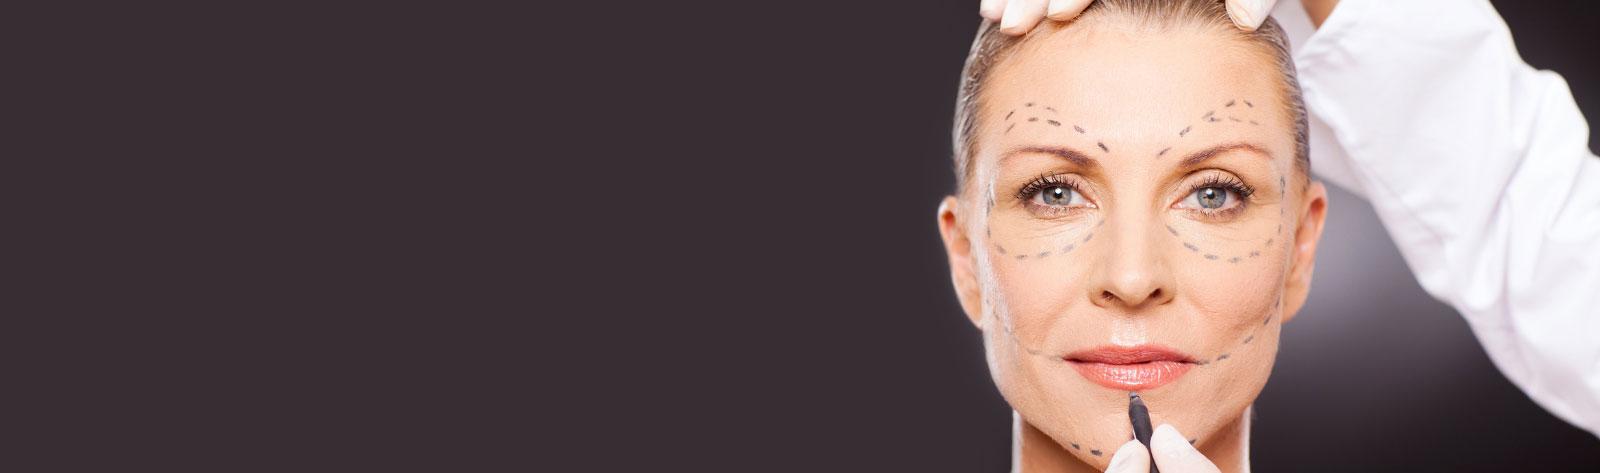 Kilka faktów na temat wtórnego liftingu twarzy